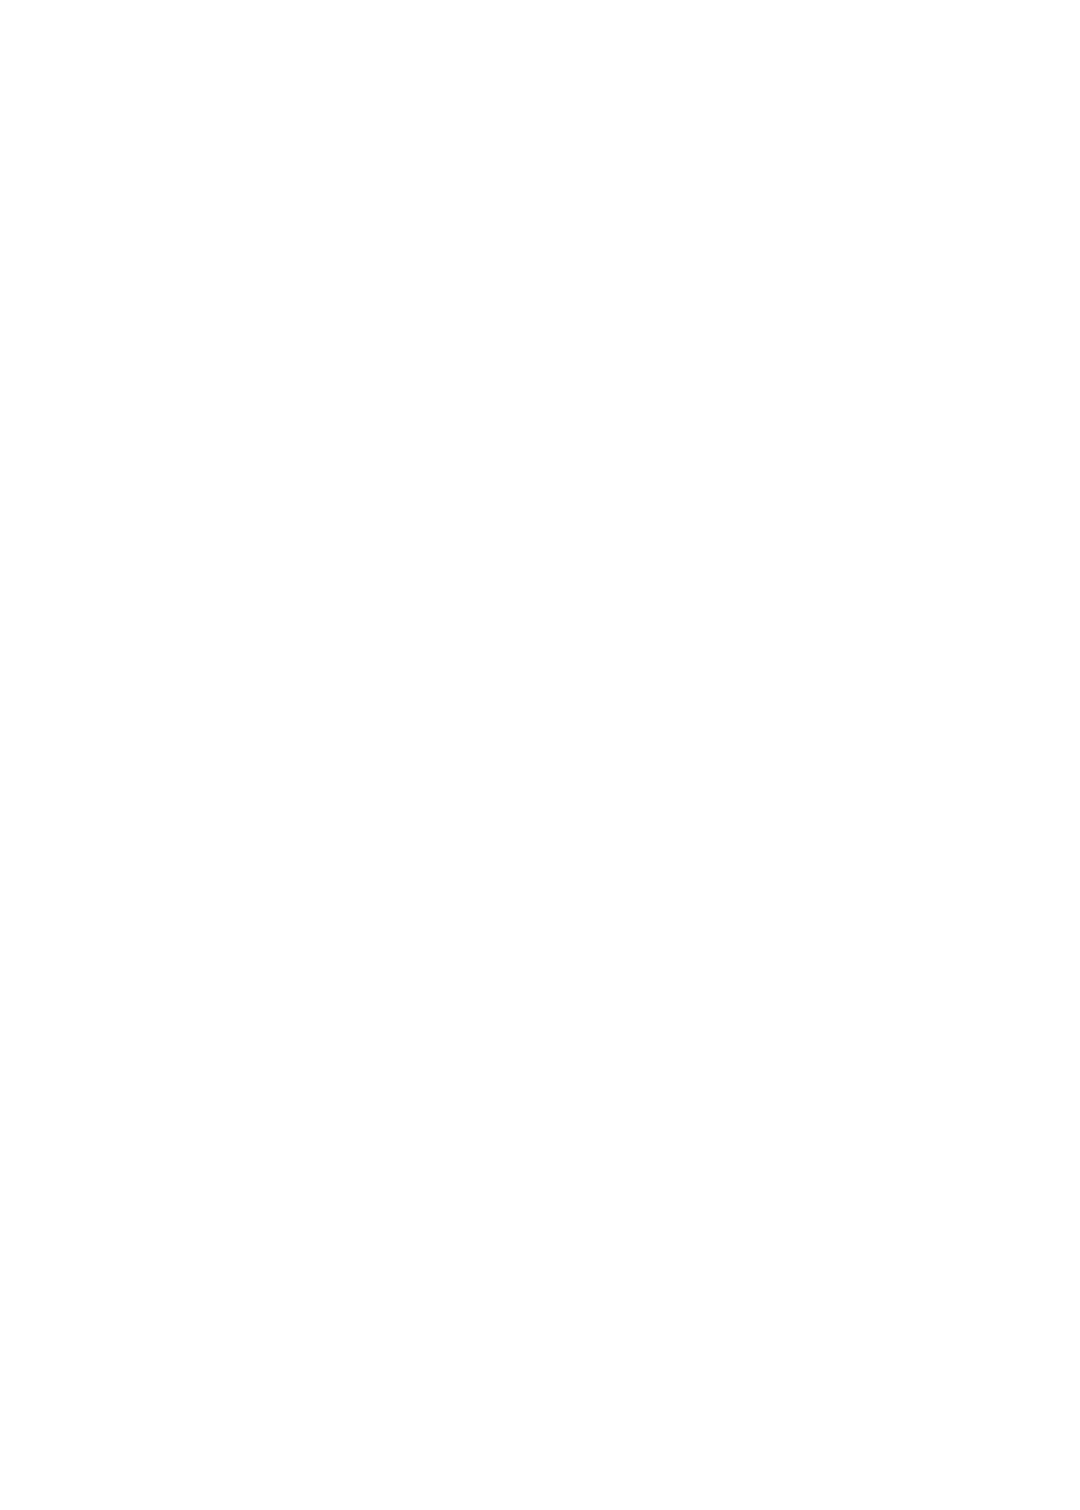 【エロ同人誌】痴女サキュバスに軟禁されて仲間のエルフたちと子作りさせられるふたなり美女エルフ。以前無理やり犯して気まずくなった美少女エルフの相手を再びすることになるが、相手の彼氏公認で激しくハメ合いイチャラブ中出し百合セックスして大量種付けフィニッシュ【オリジナル】